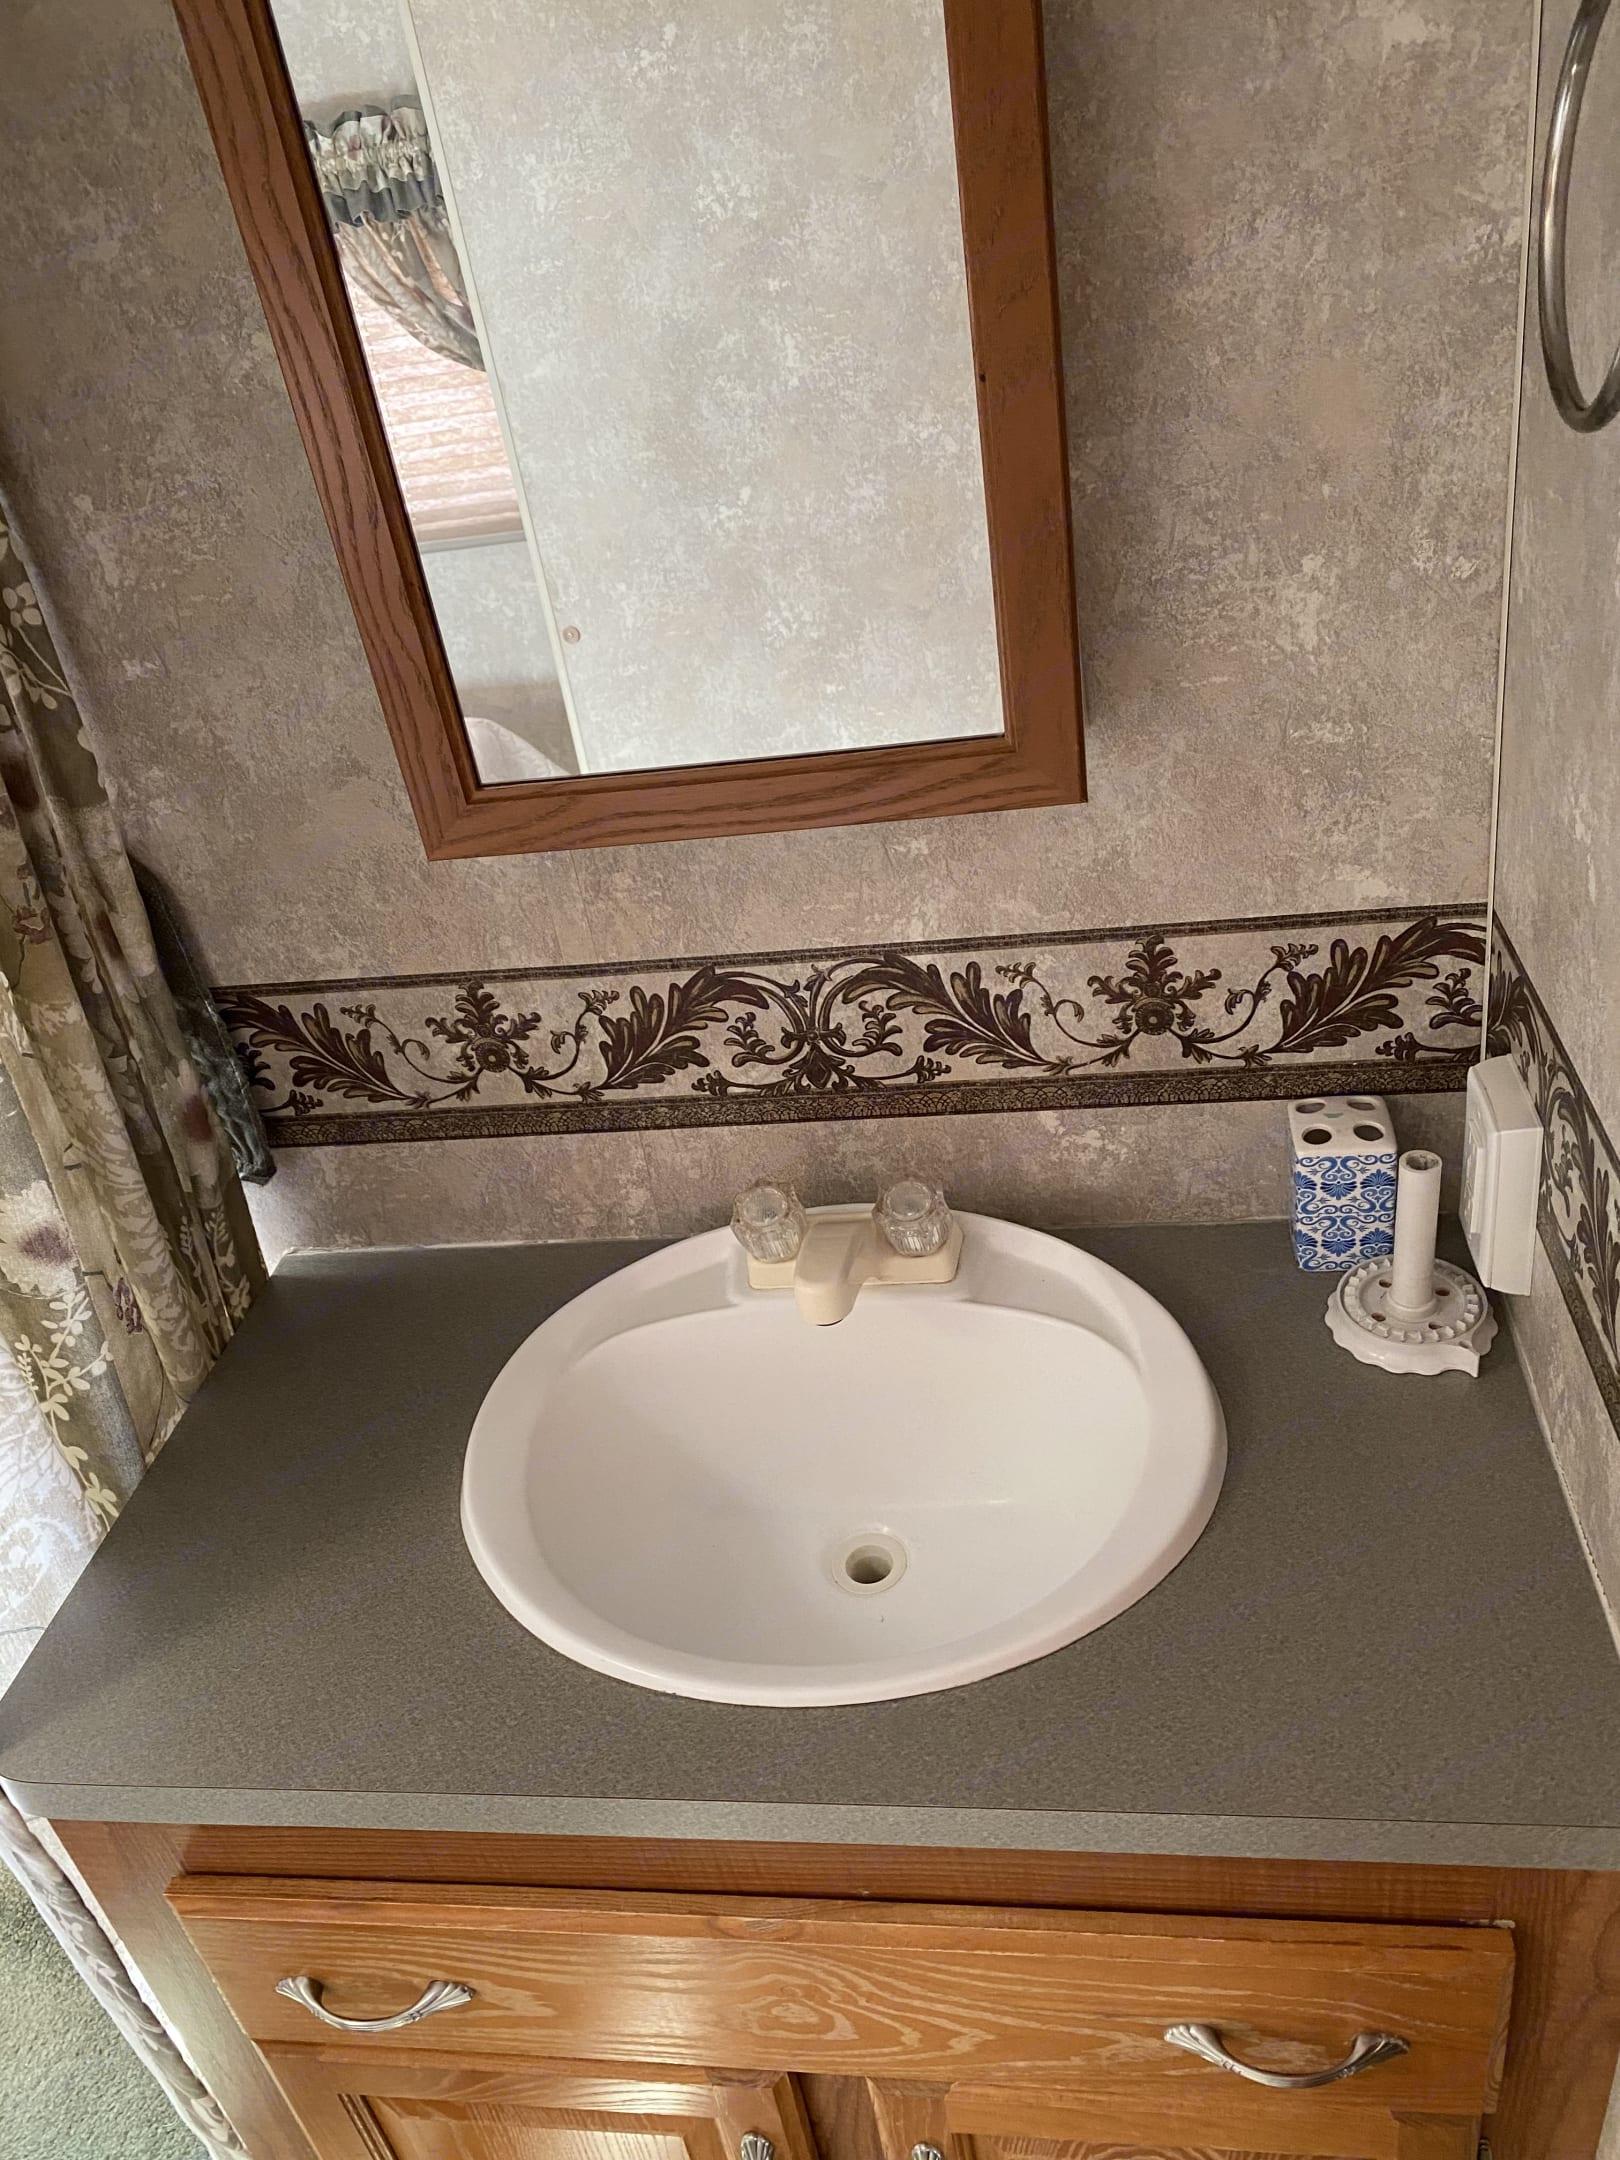 Master Bedroom sink. Coachmen Chaparral 2006